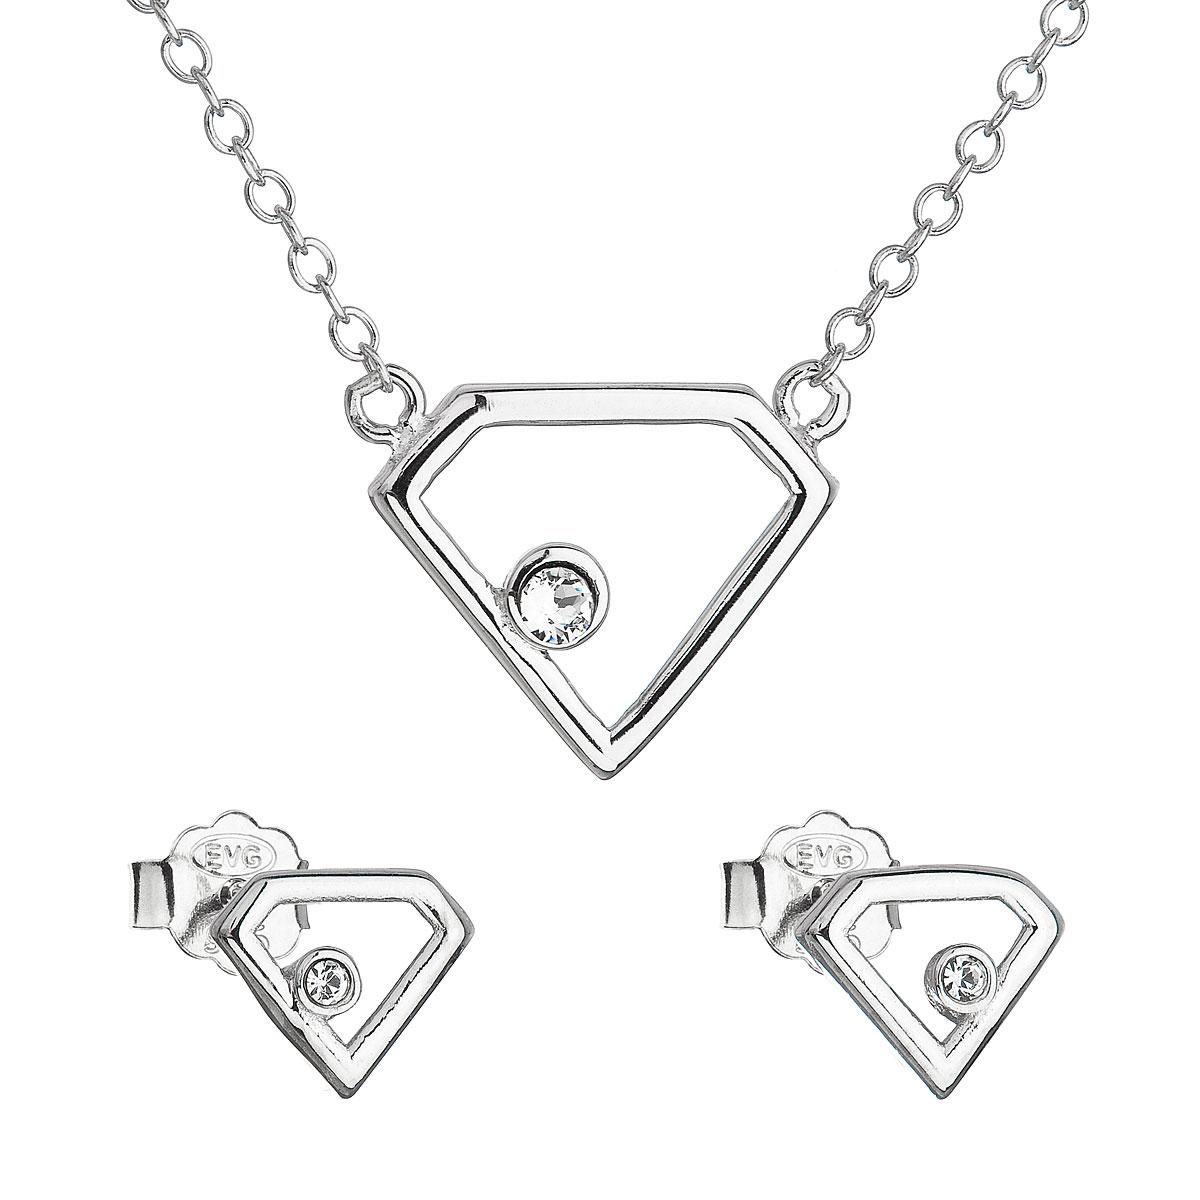 Sada šperkov s krištálmi Swarovski náušnice a náhrdelník biely trojuholník 39165.1